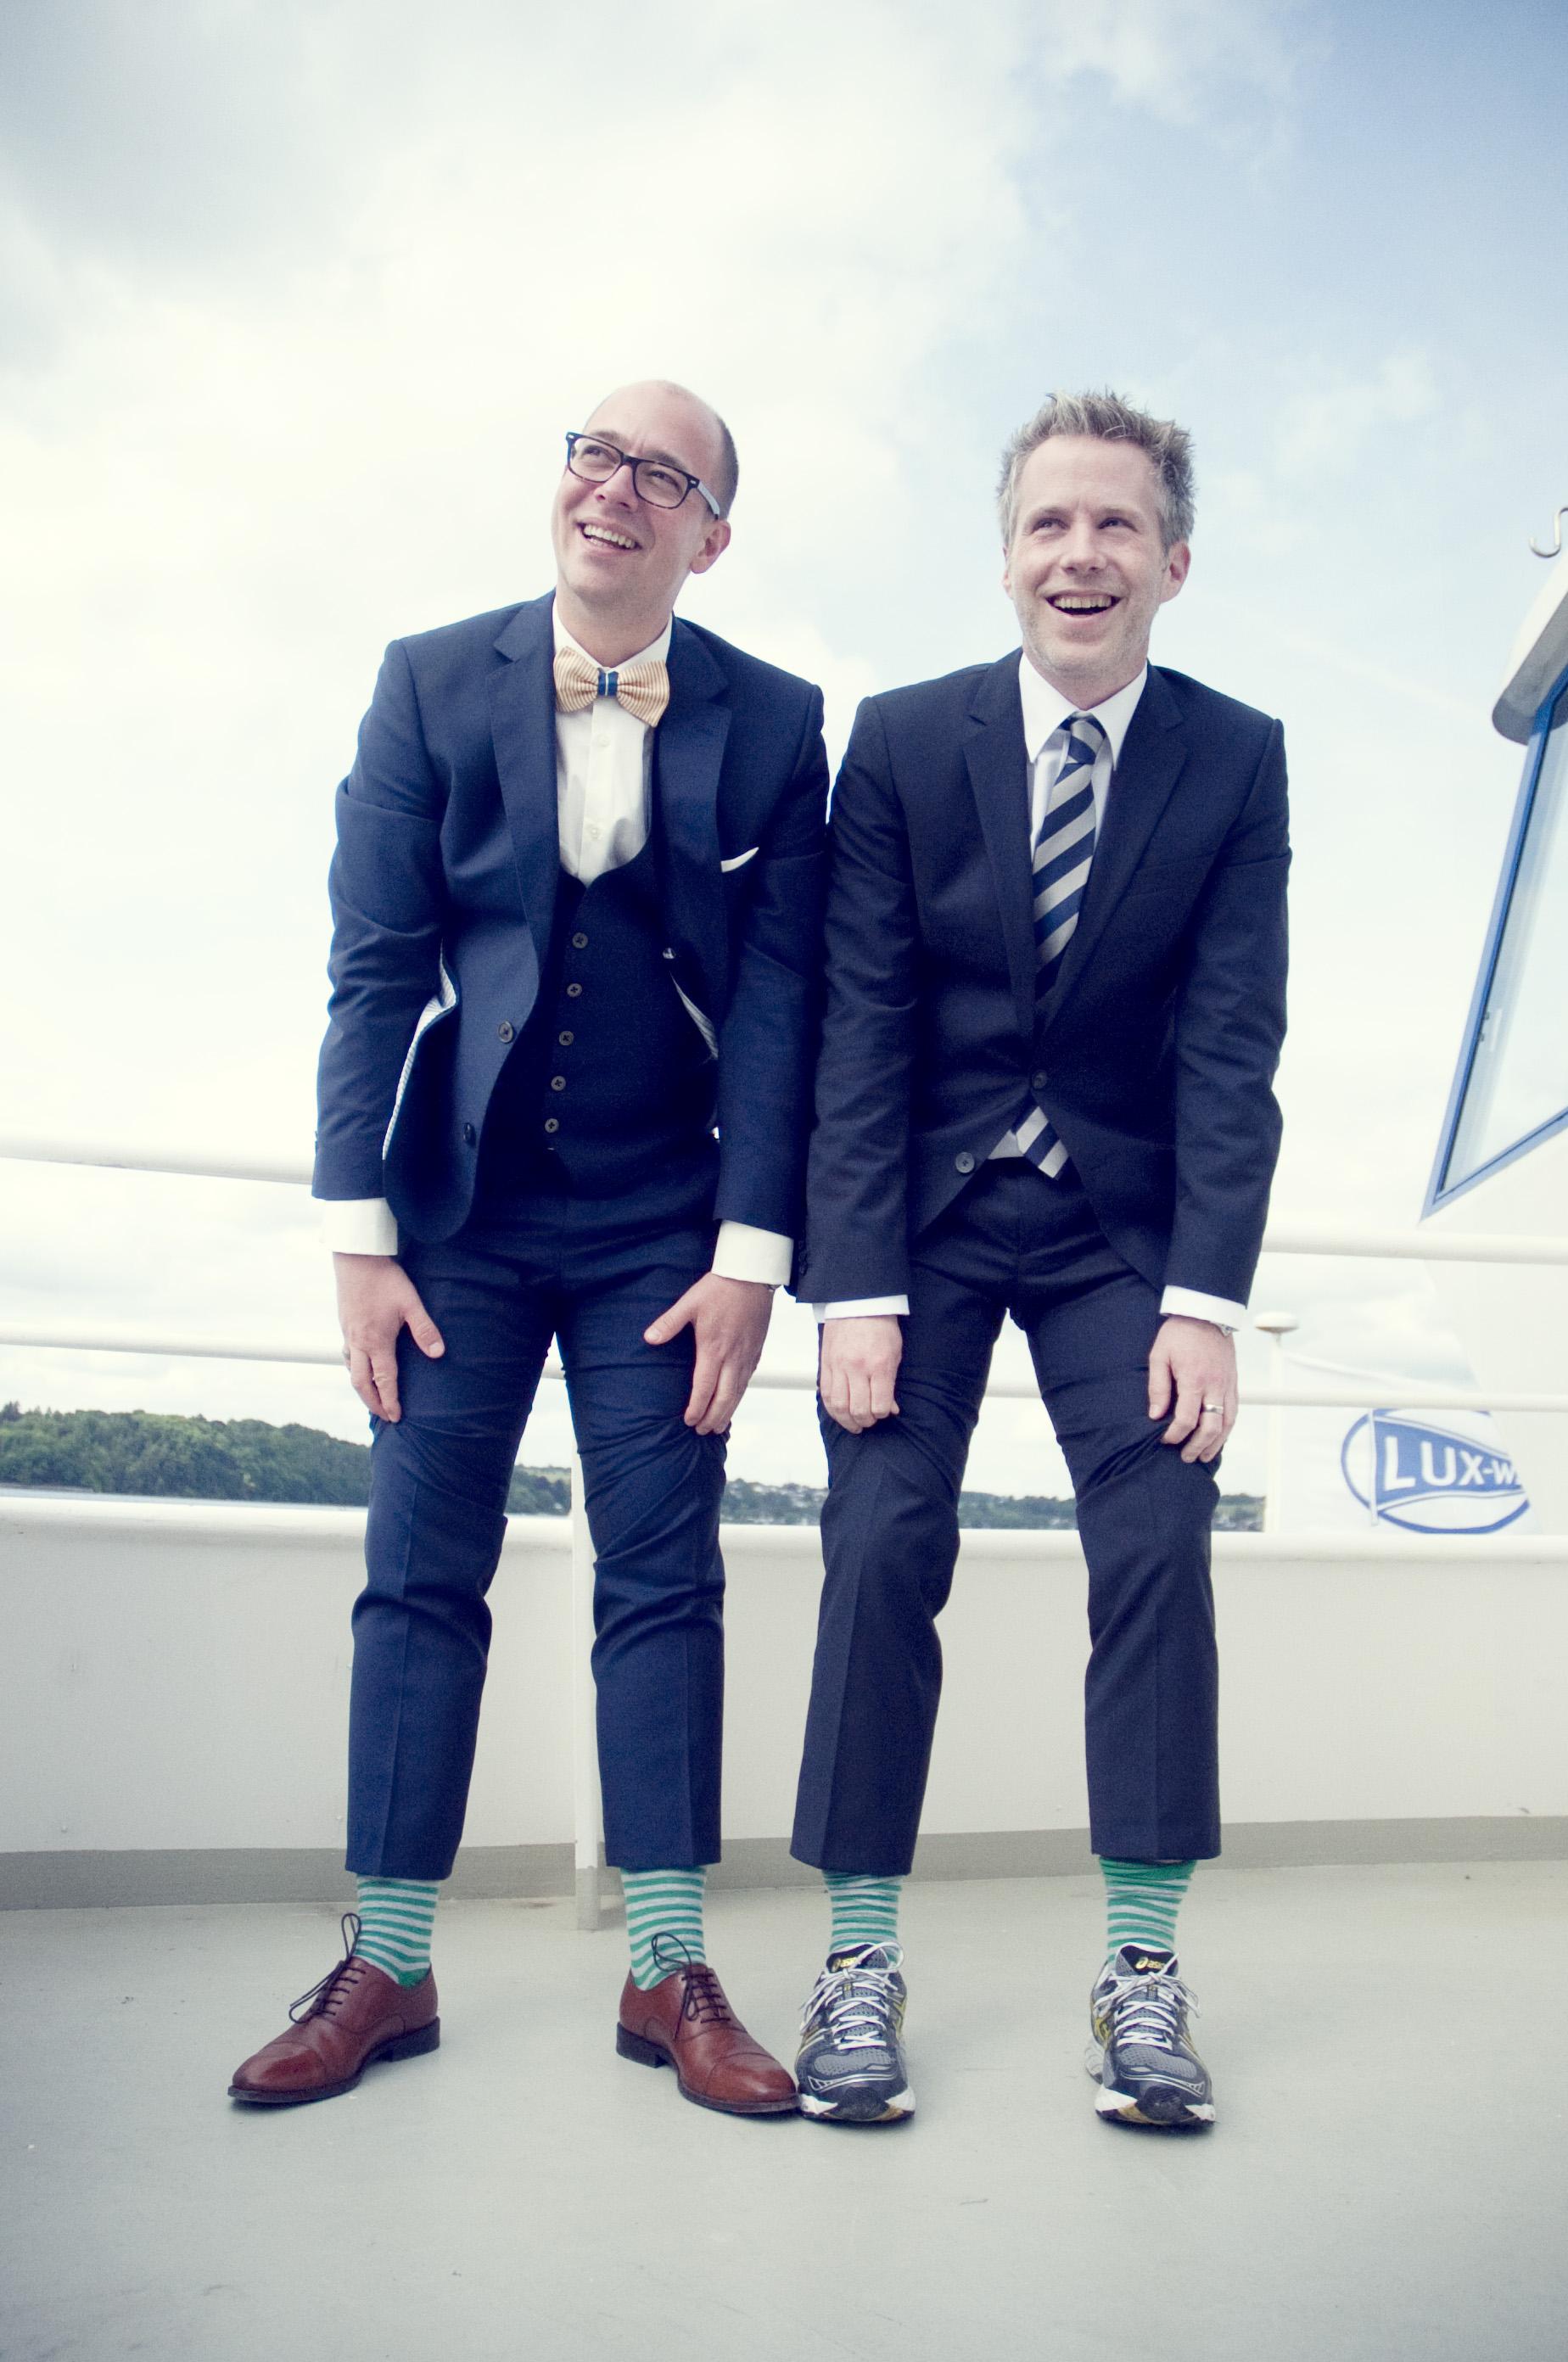 hochzeit-socken-groom-bräutigam-1.jpg